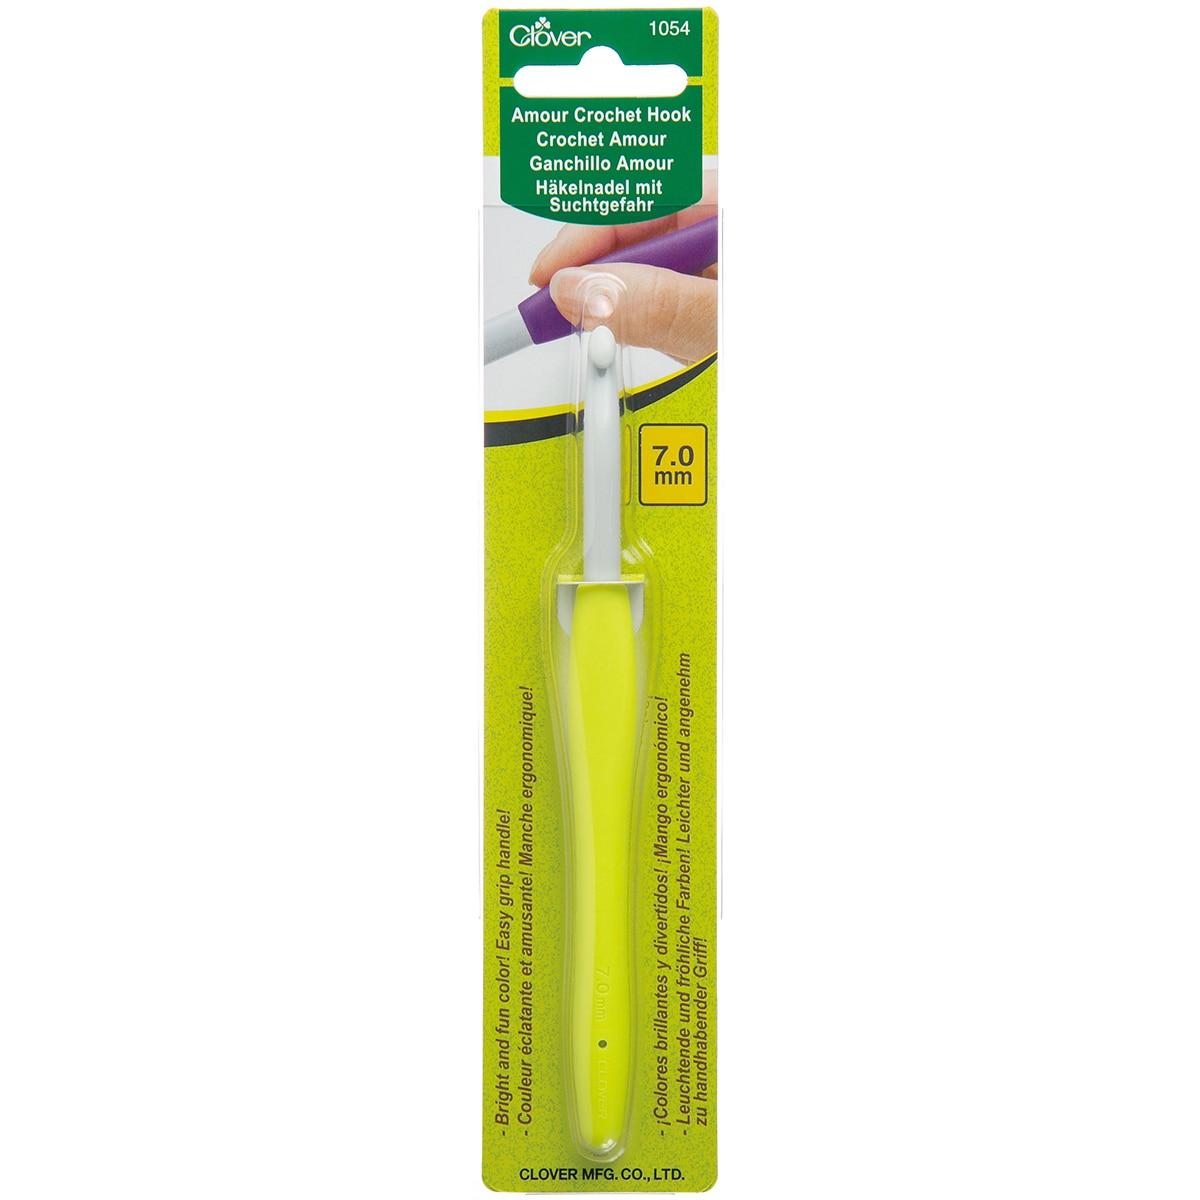 Clover Amour Crochet Hook-7.0mm (7.0mm), Neon Green (ABS)